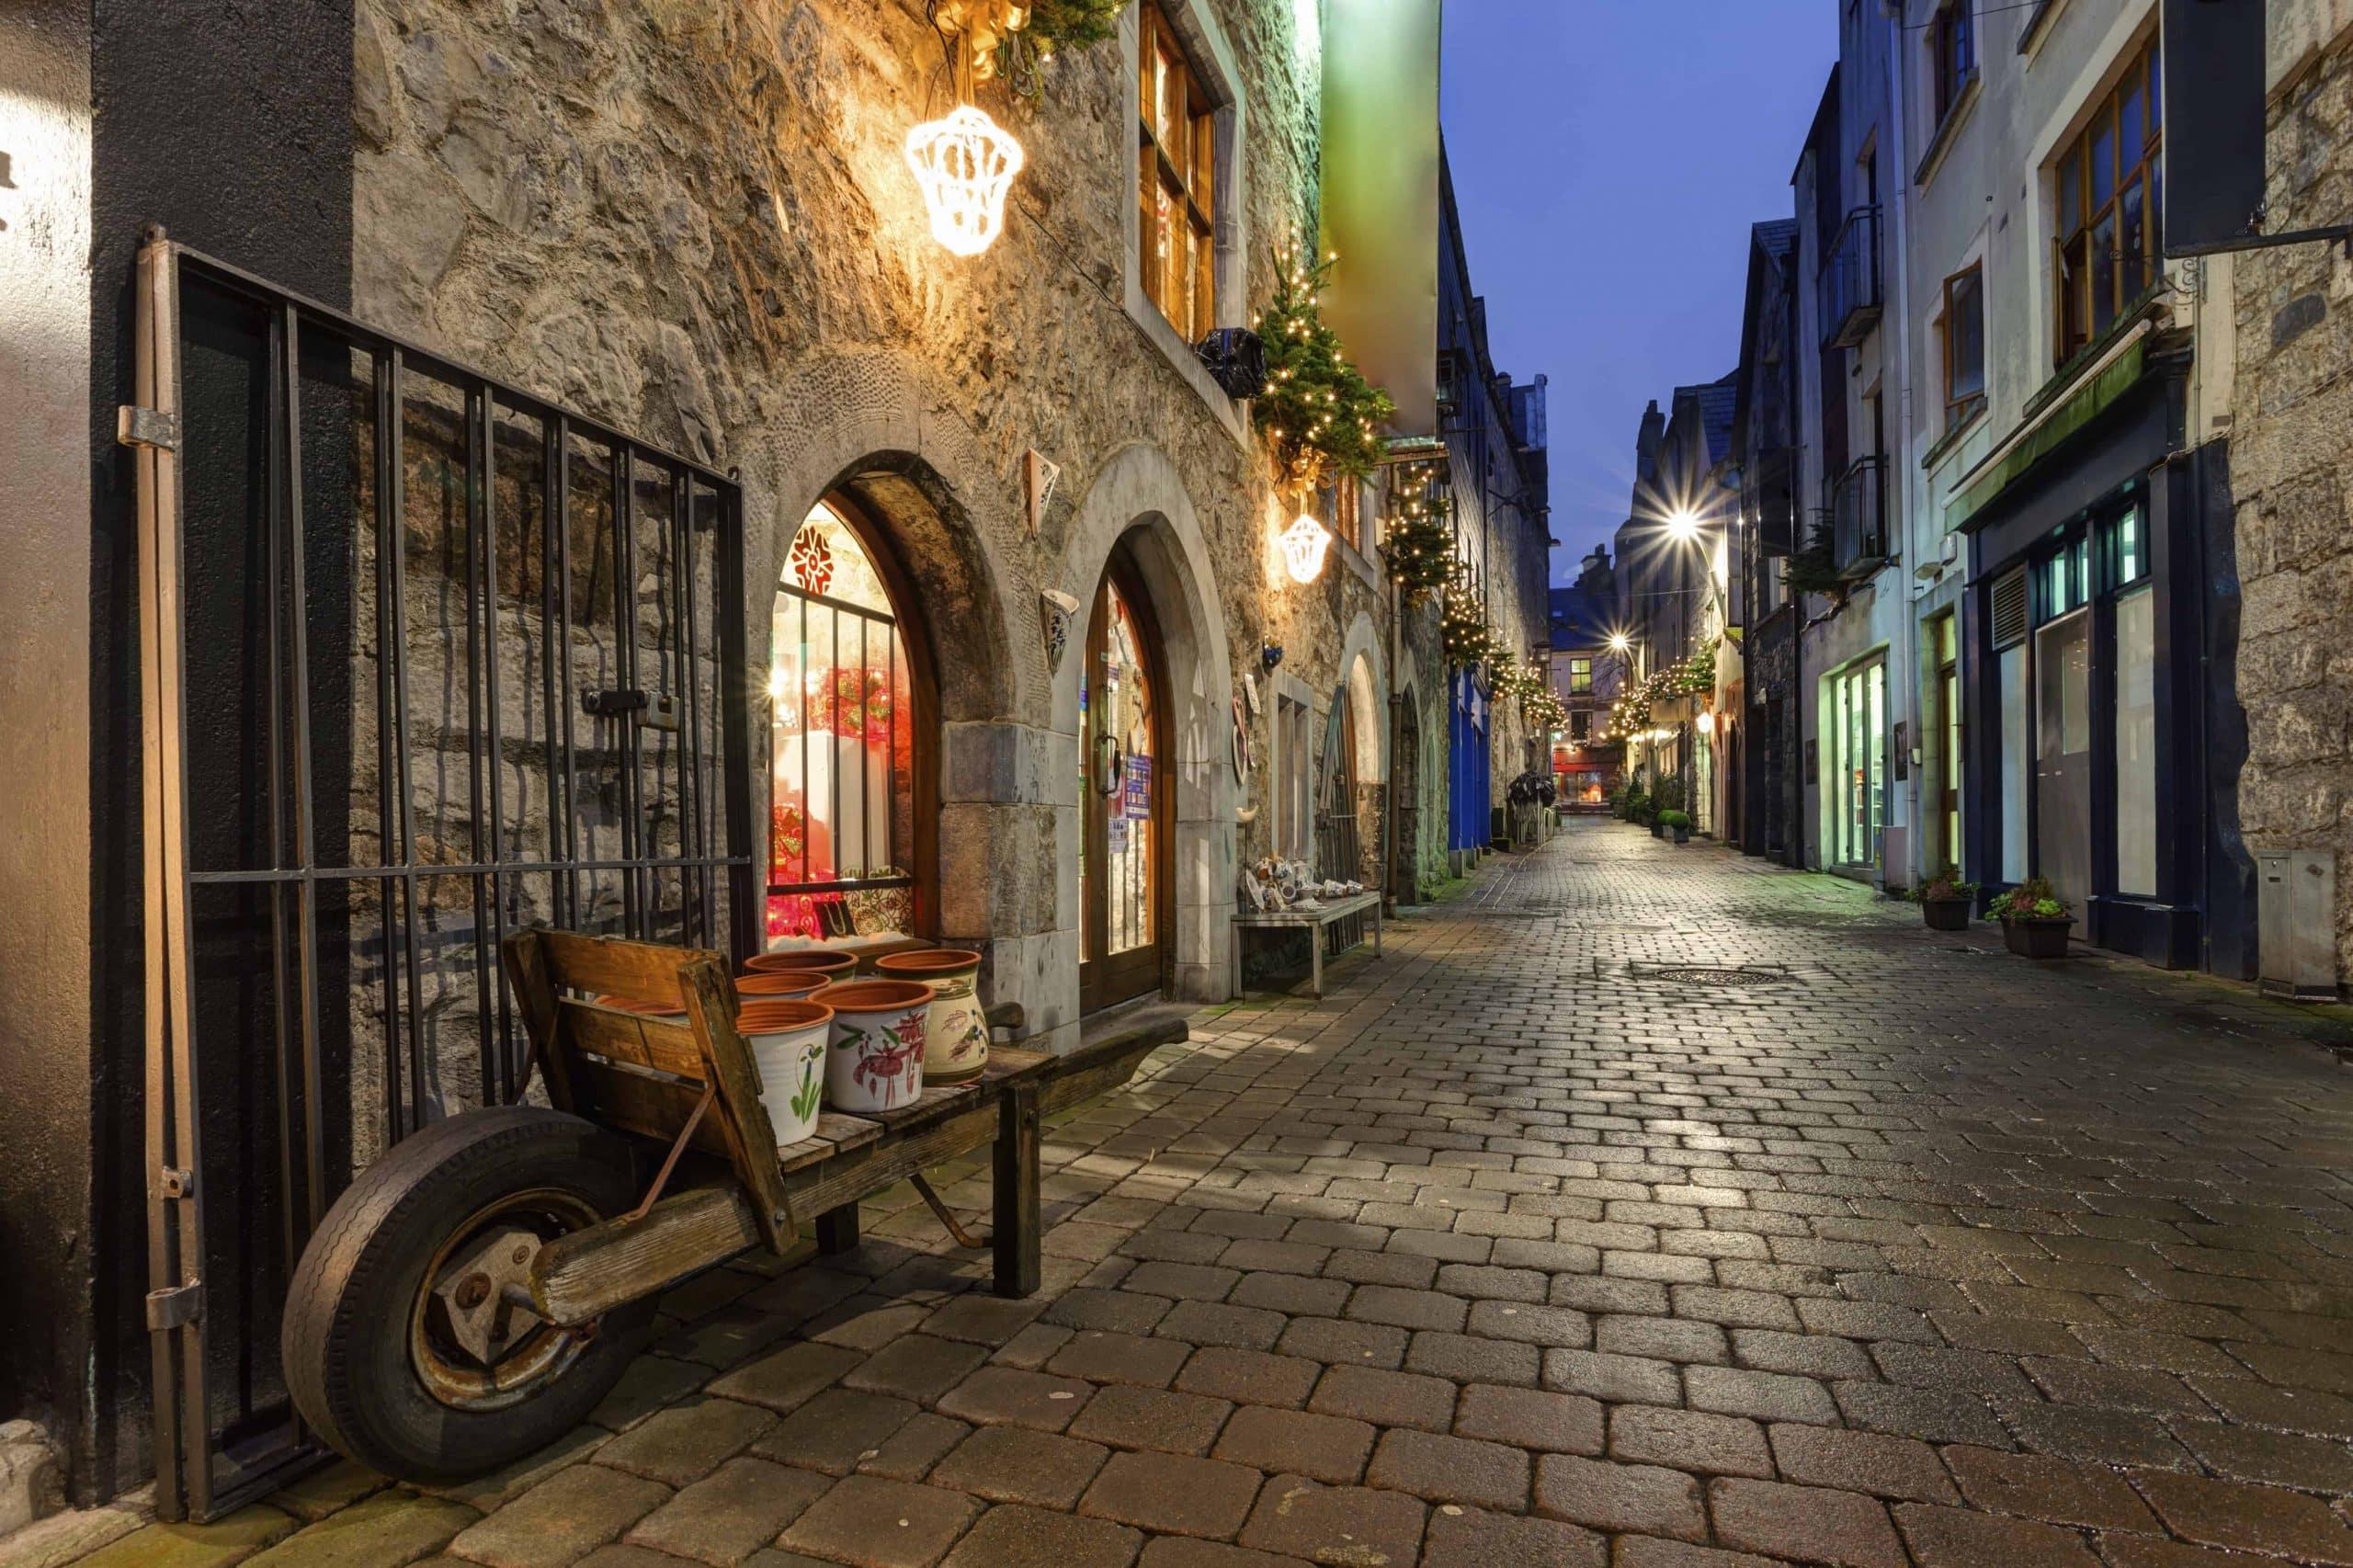 Oplev stemningen i den gamle bydel i Galway, når du rejser til Irland